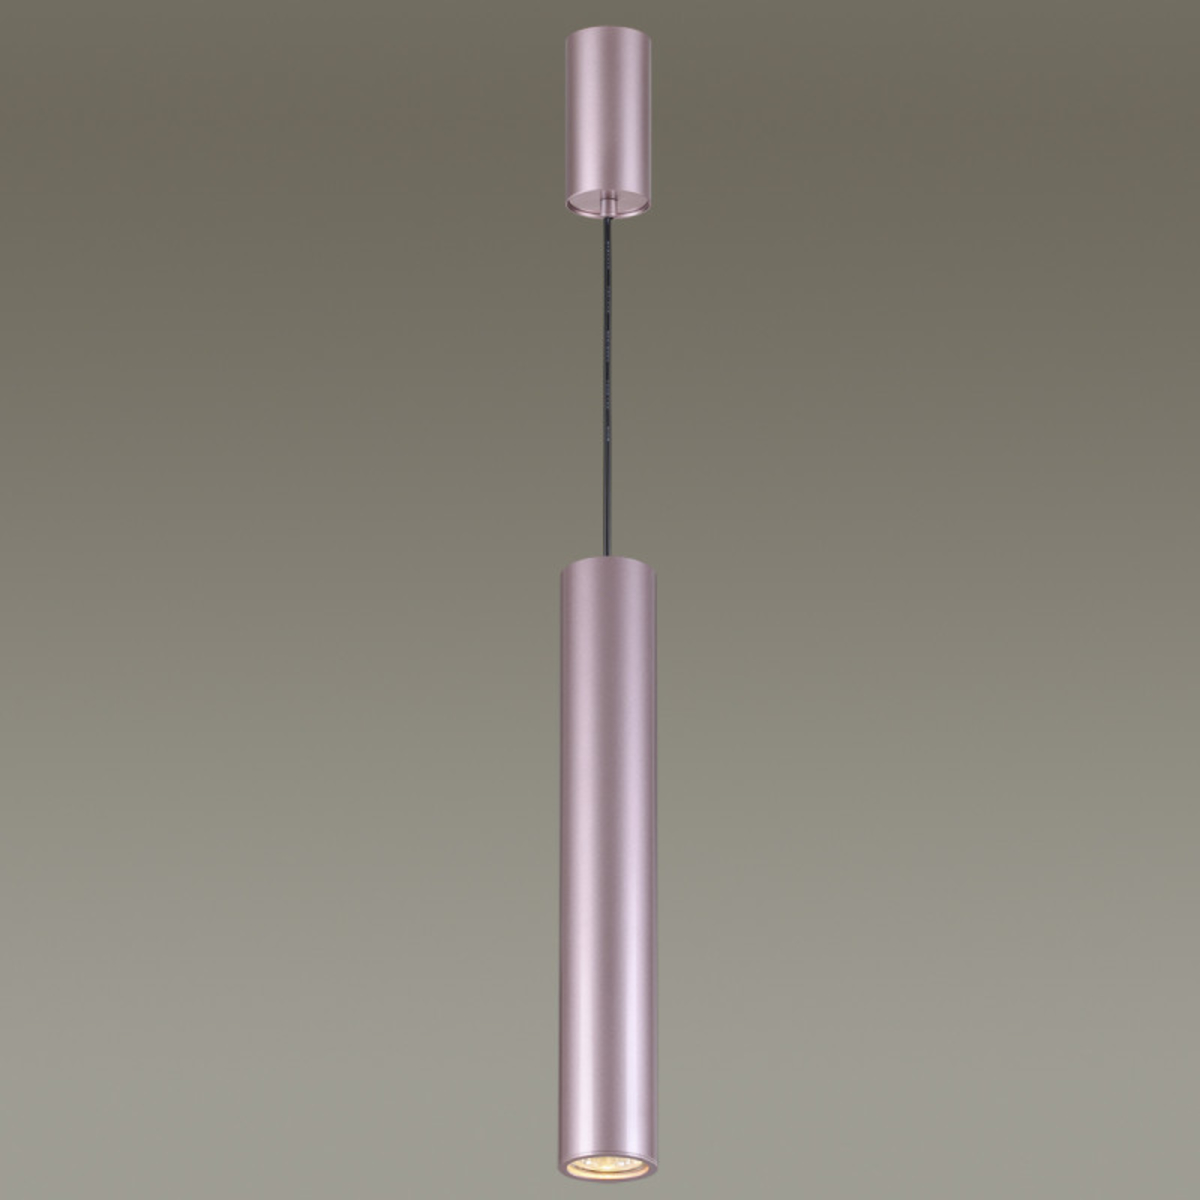 Купить Подвесной светильник VINCERE Подвесной светильник Odeon Light 3829/1CA (13643), HomeMe